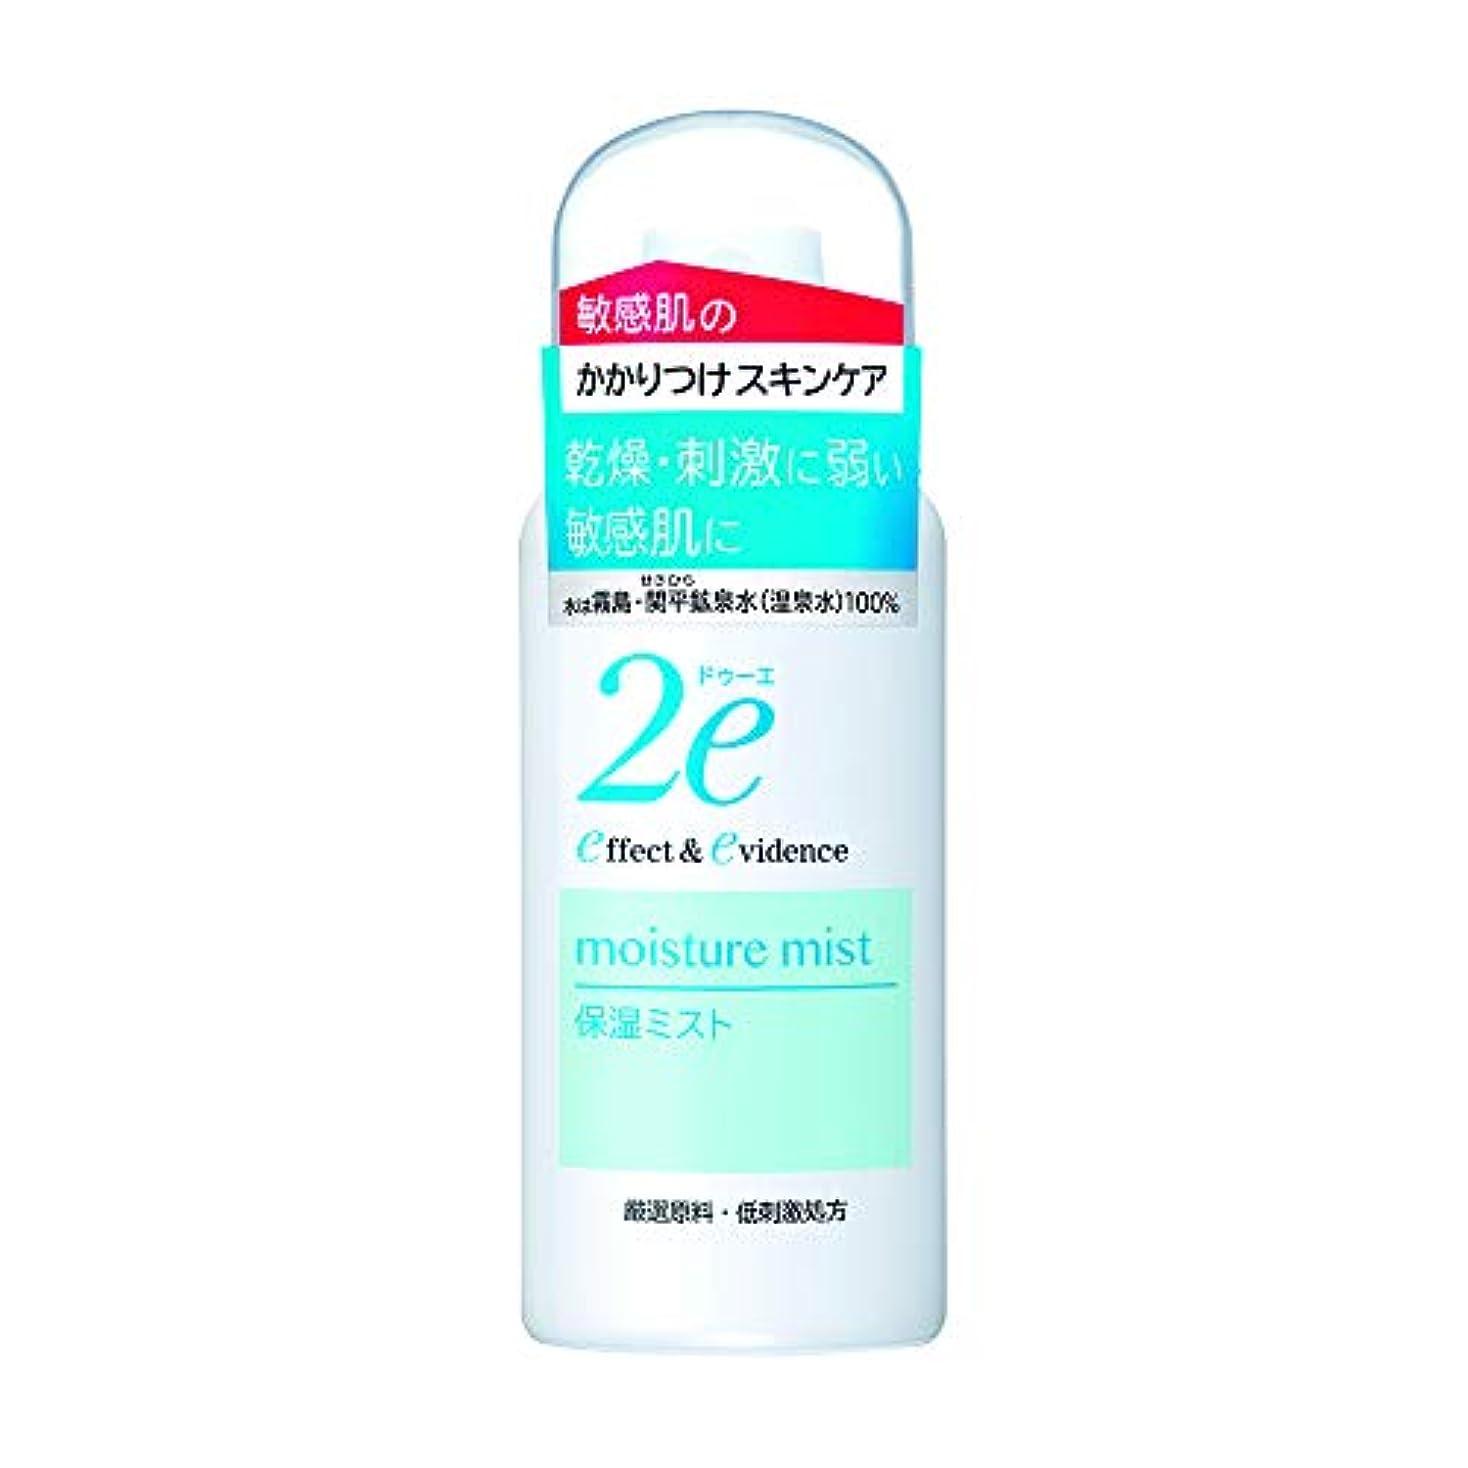 南方の閉塞保有者2e(ドゥーエ) 保湿ミスト 携帯用 敏感肌用化粧水 スプレータイプ 低刺激処方 50g